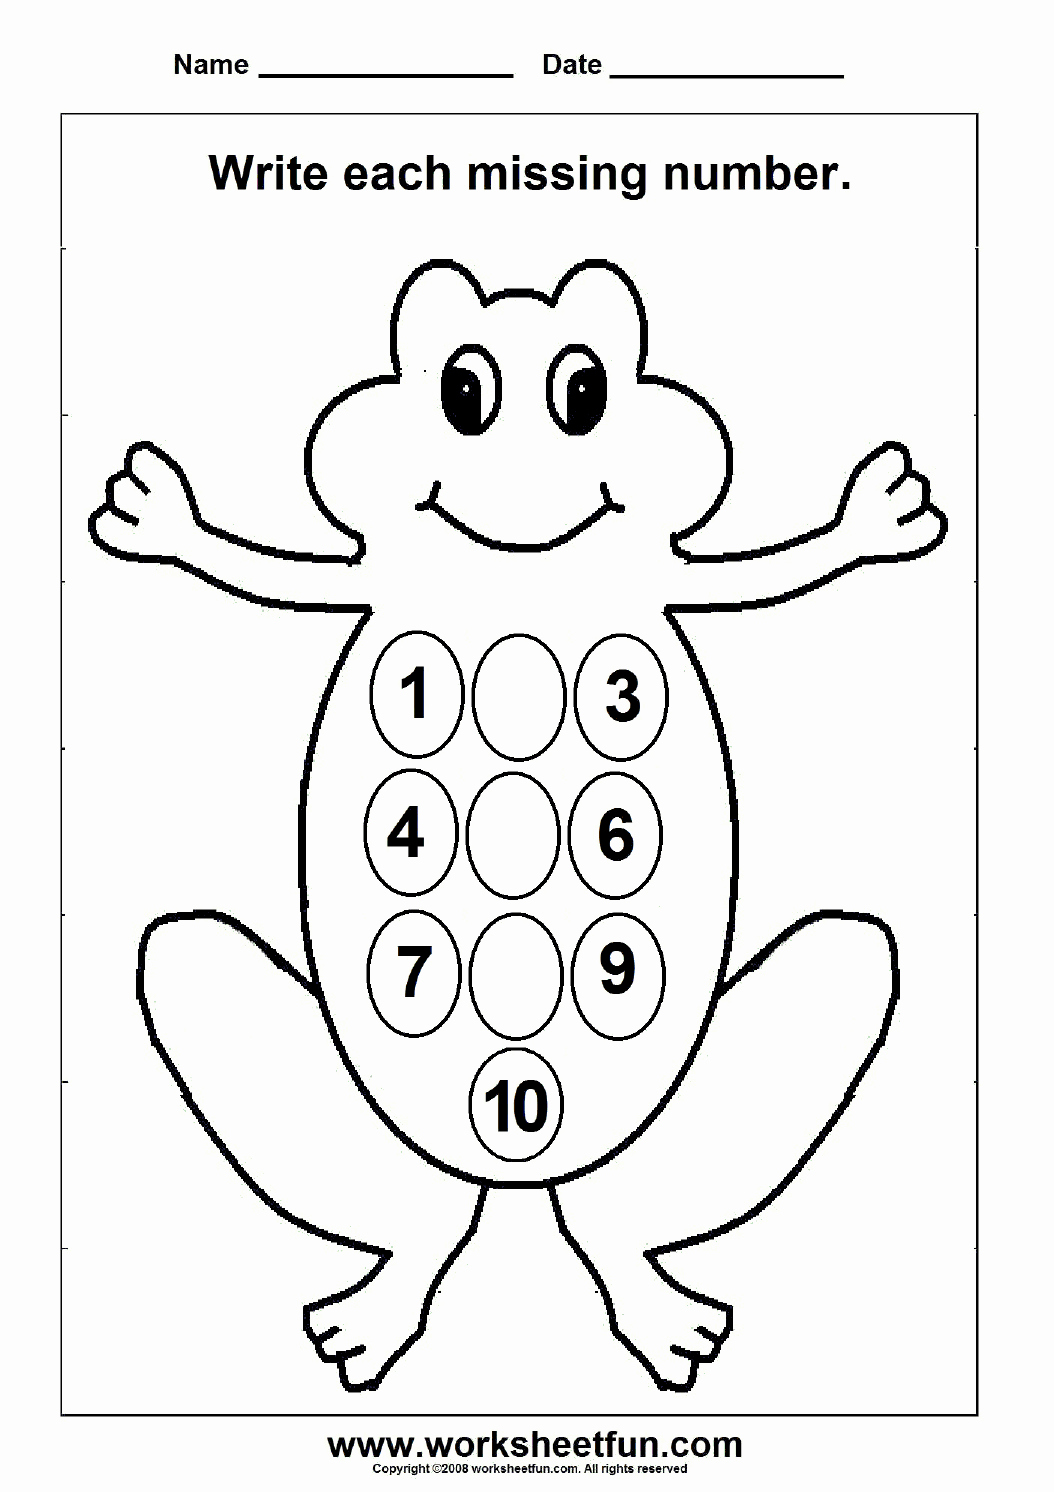 Missing Number Worksheets 1 10 Best Of Missing Numbers – 1 to 10 – 1 Worksheet Free Printable